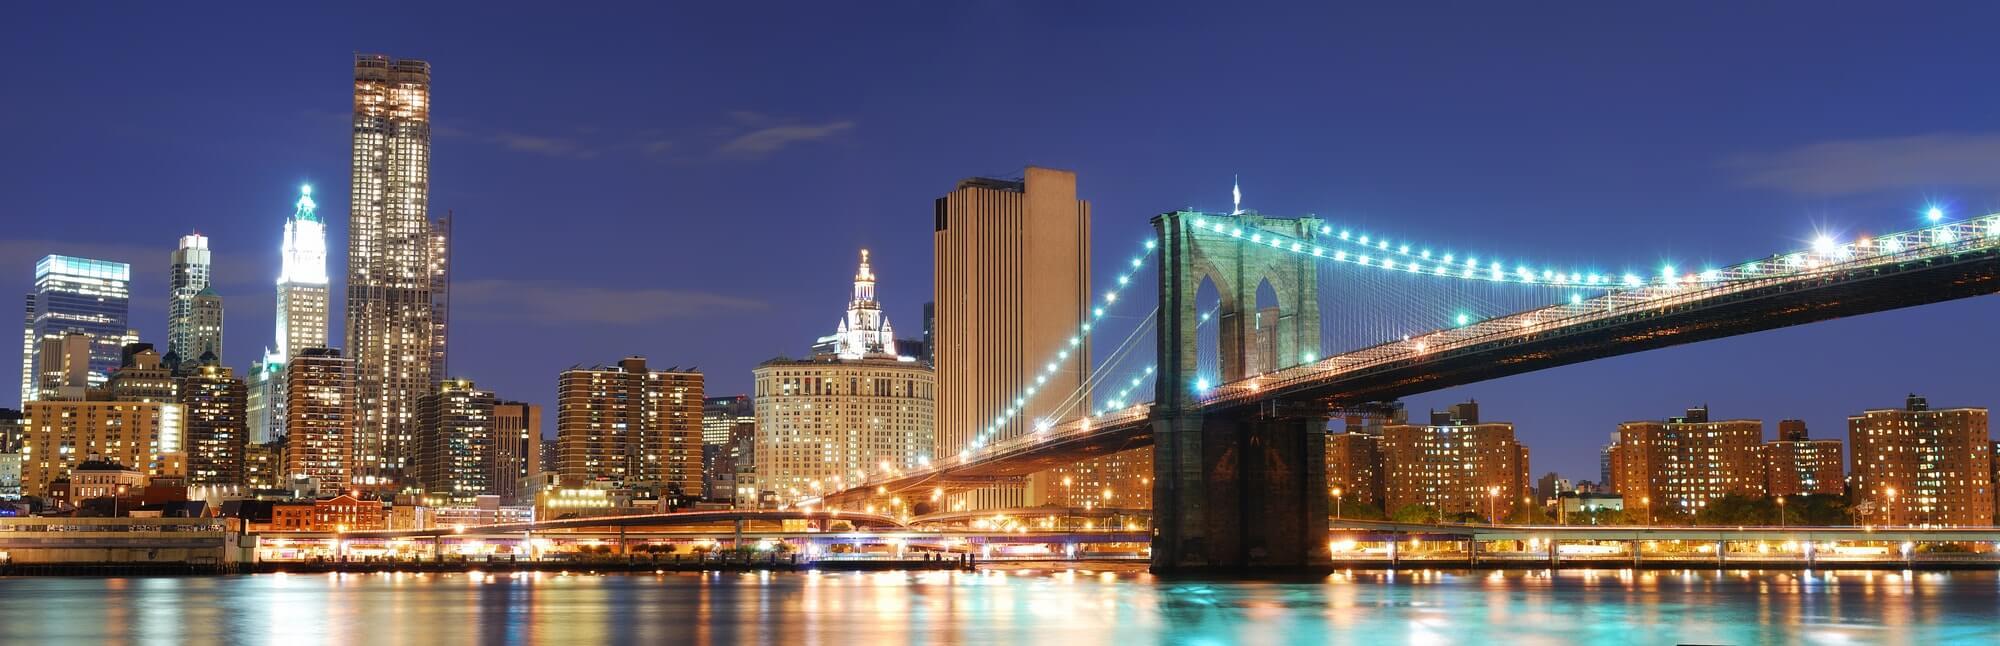 New York skyline lights night